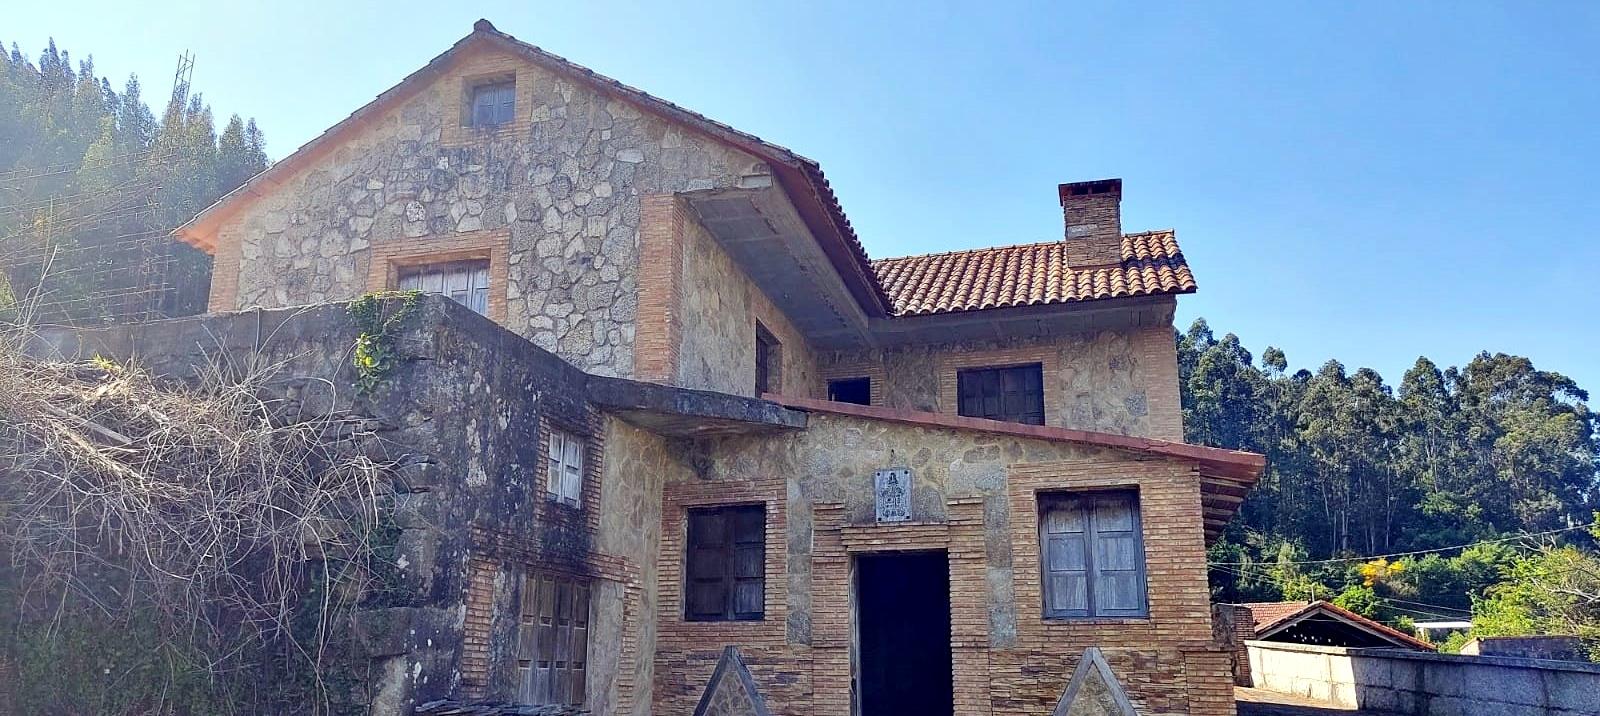 Fantástica propiedad de piedra rústica con mucho encanto. Maravillosas vistas